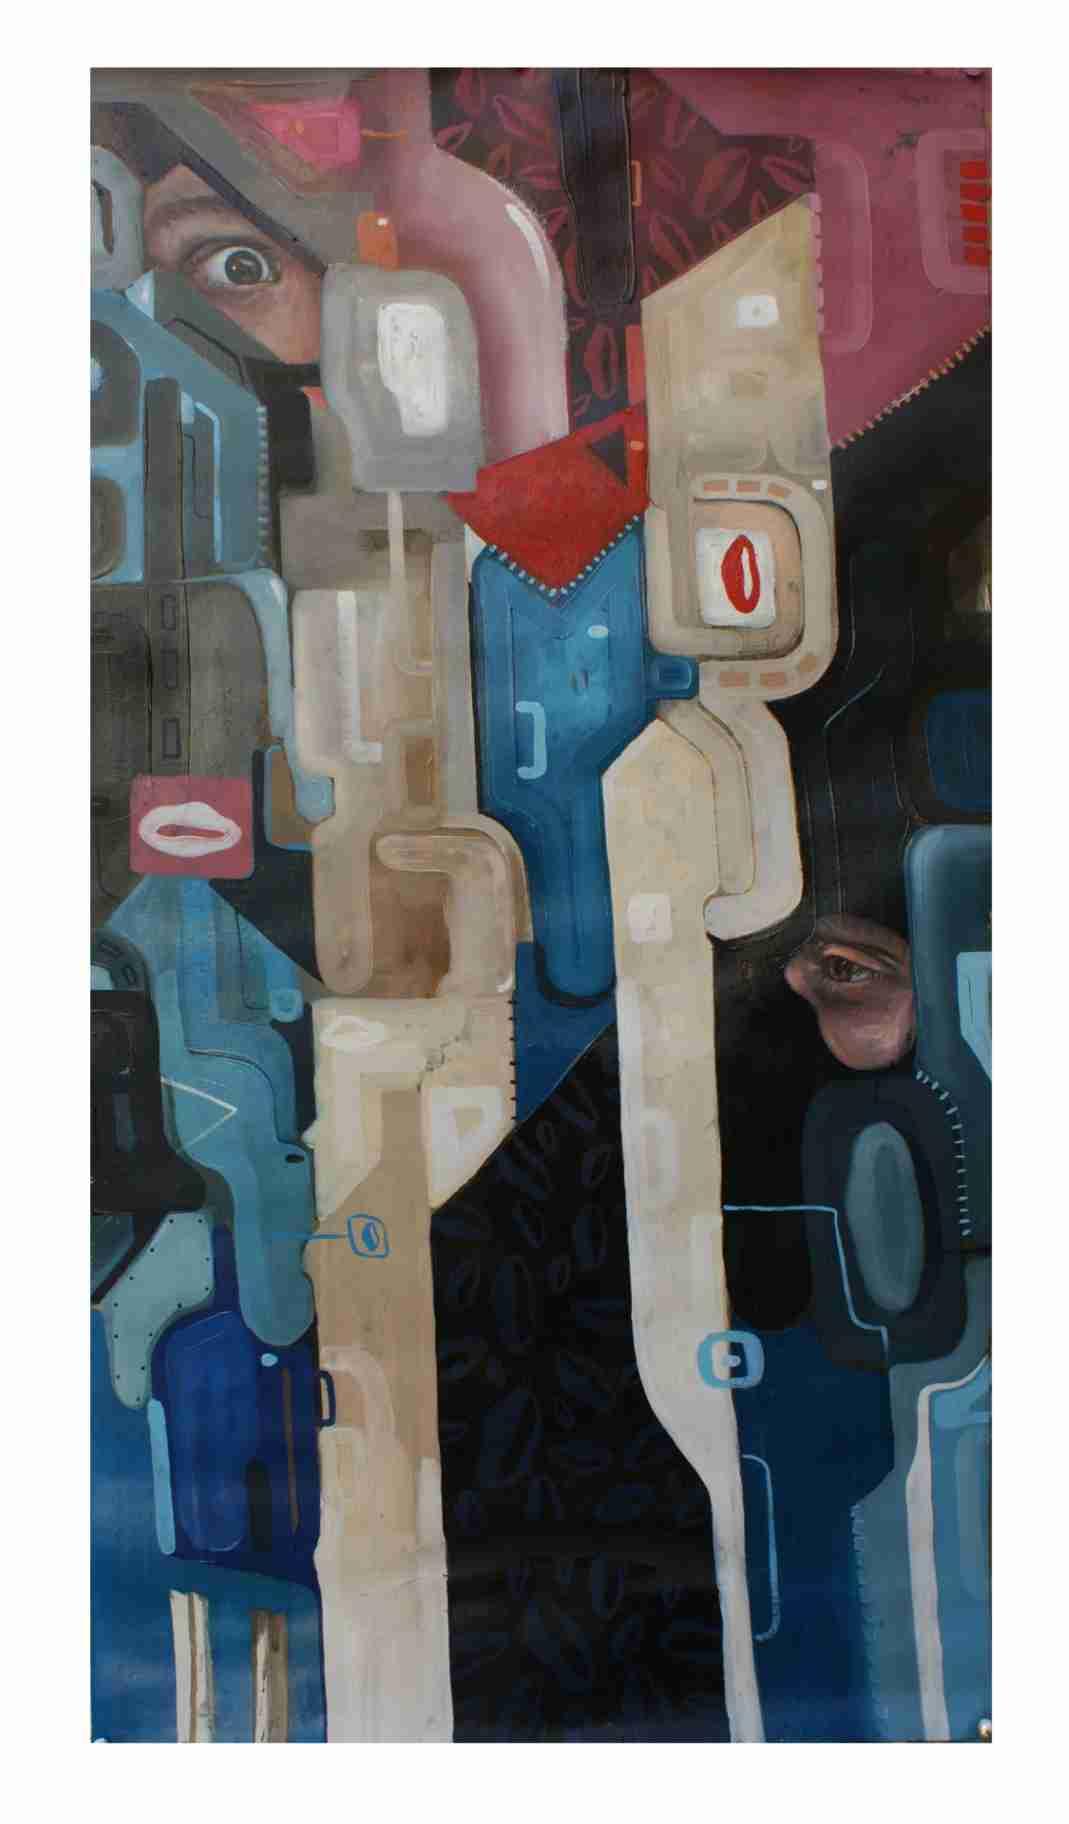 Obra: Miradas en Composición Fragmentada